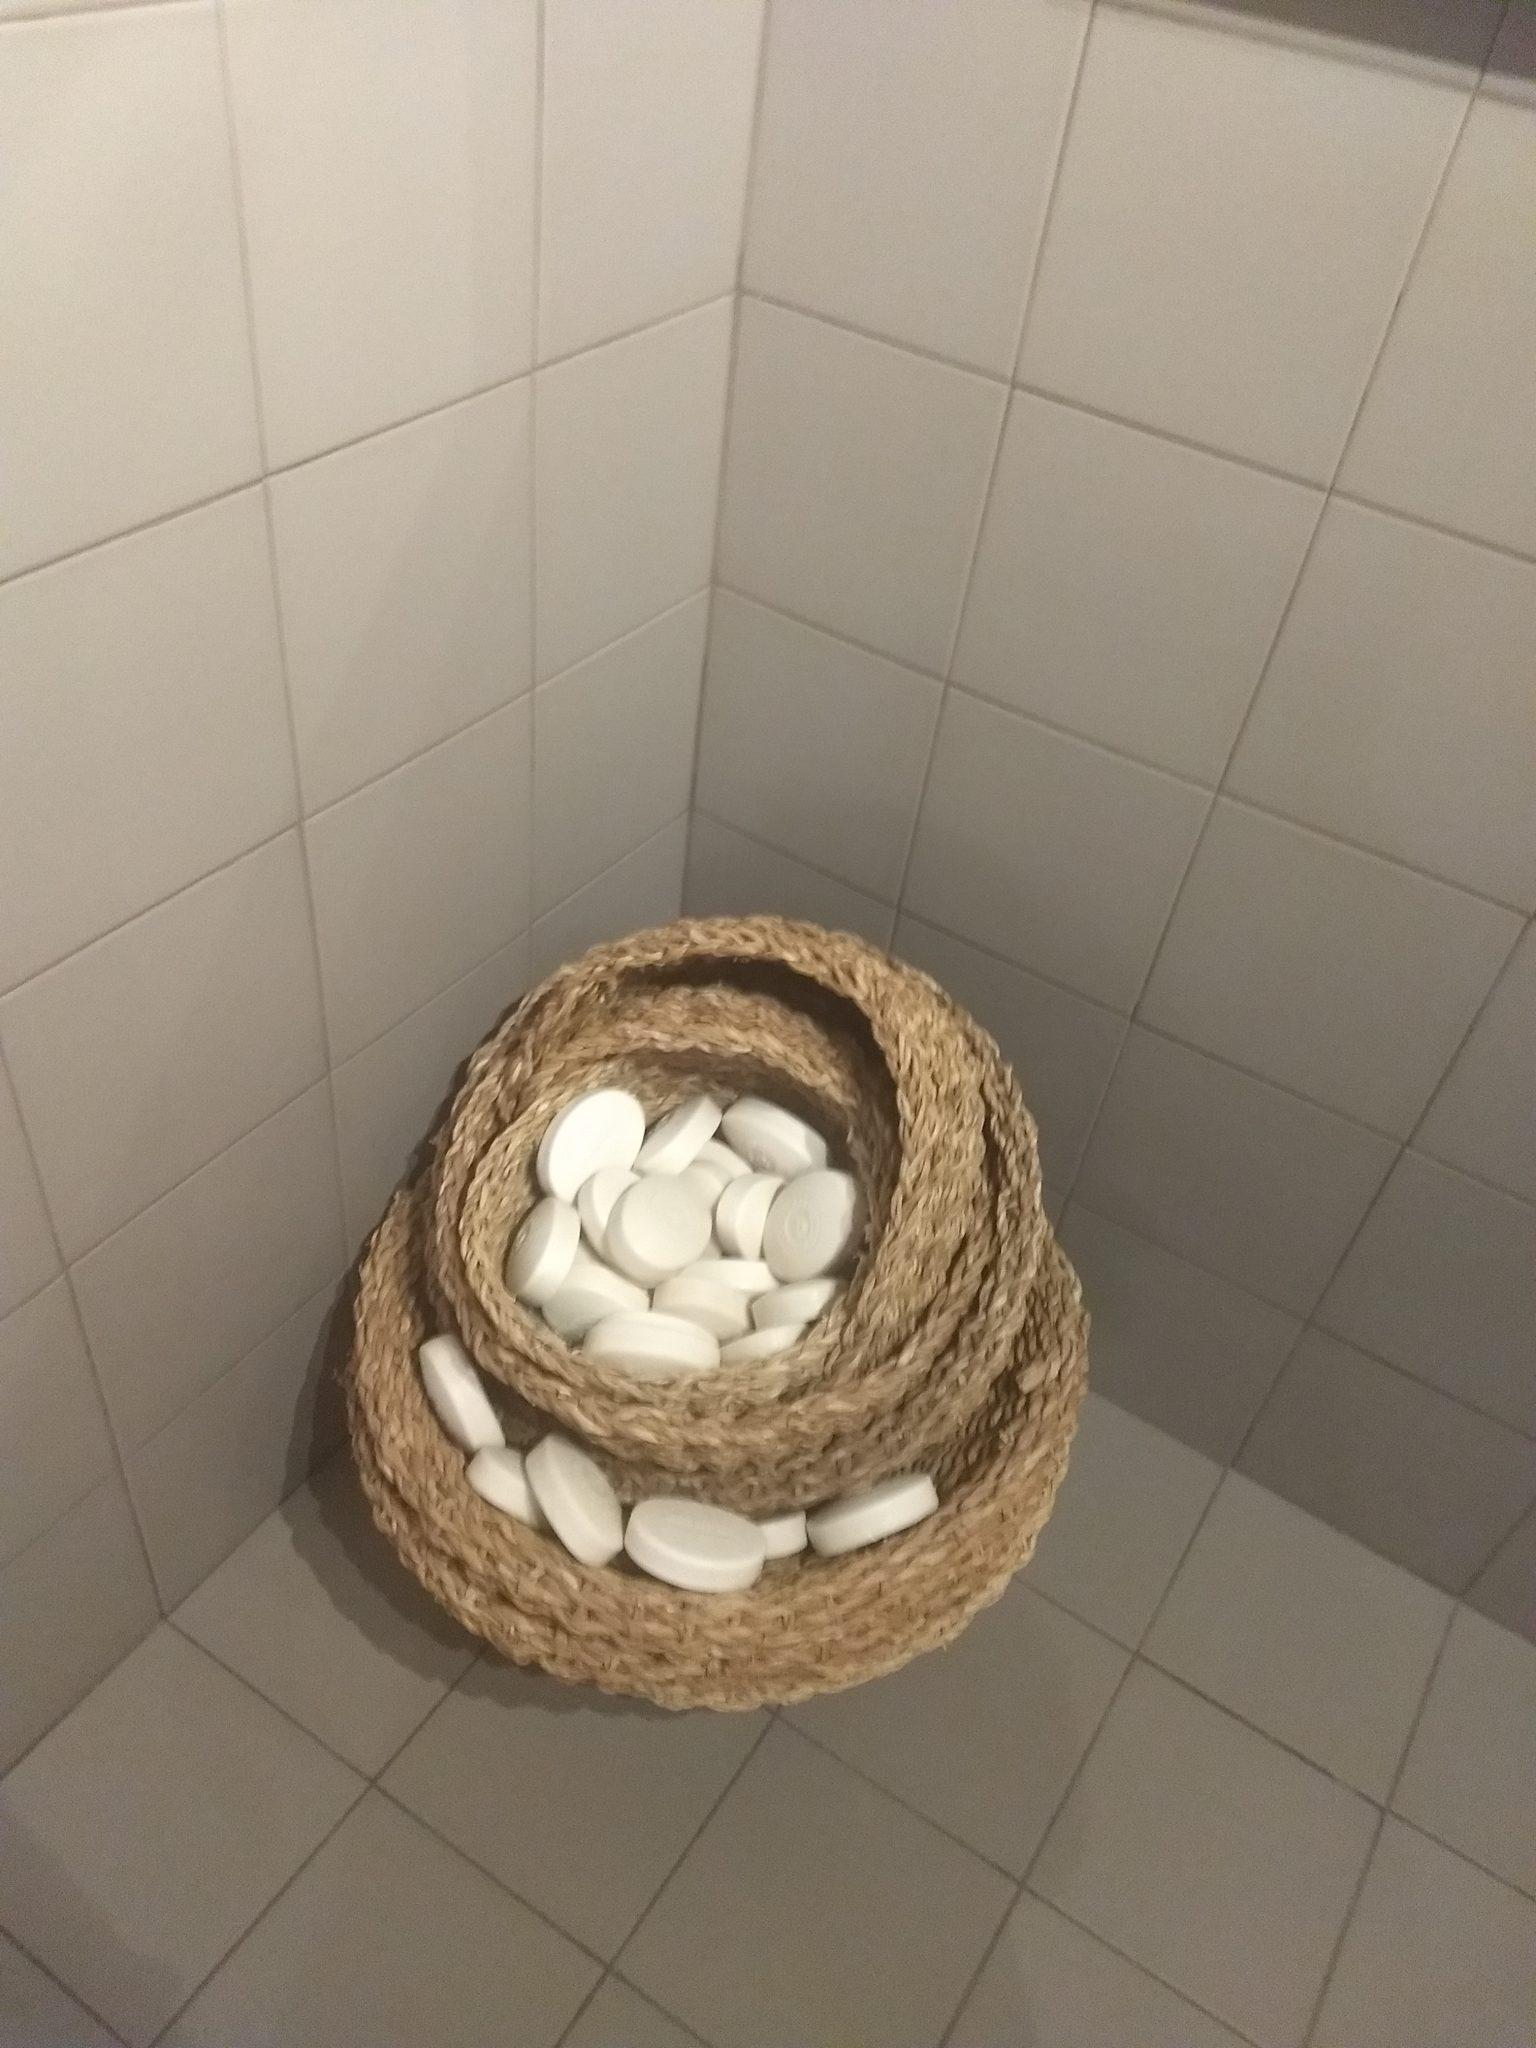 Ideia bonitinha para lavabo, um ninho de sabonetes? Achei fofo.